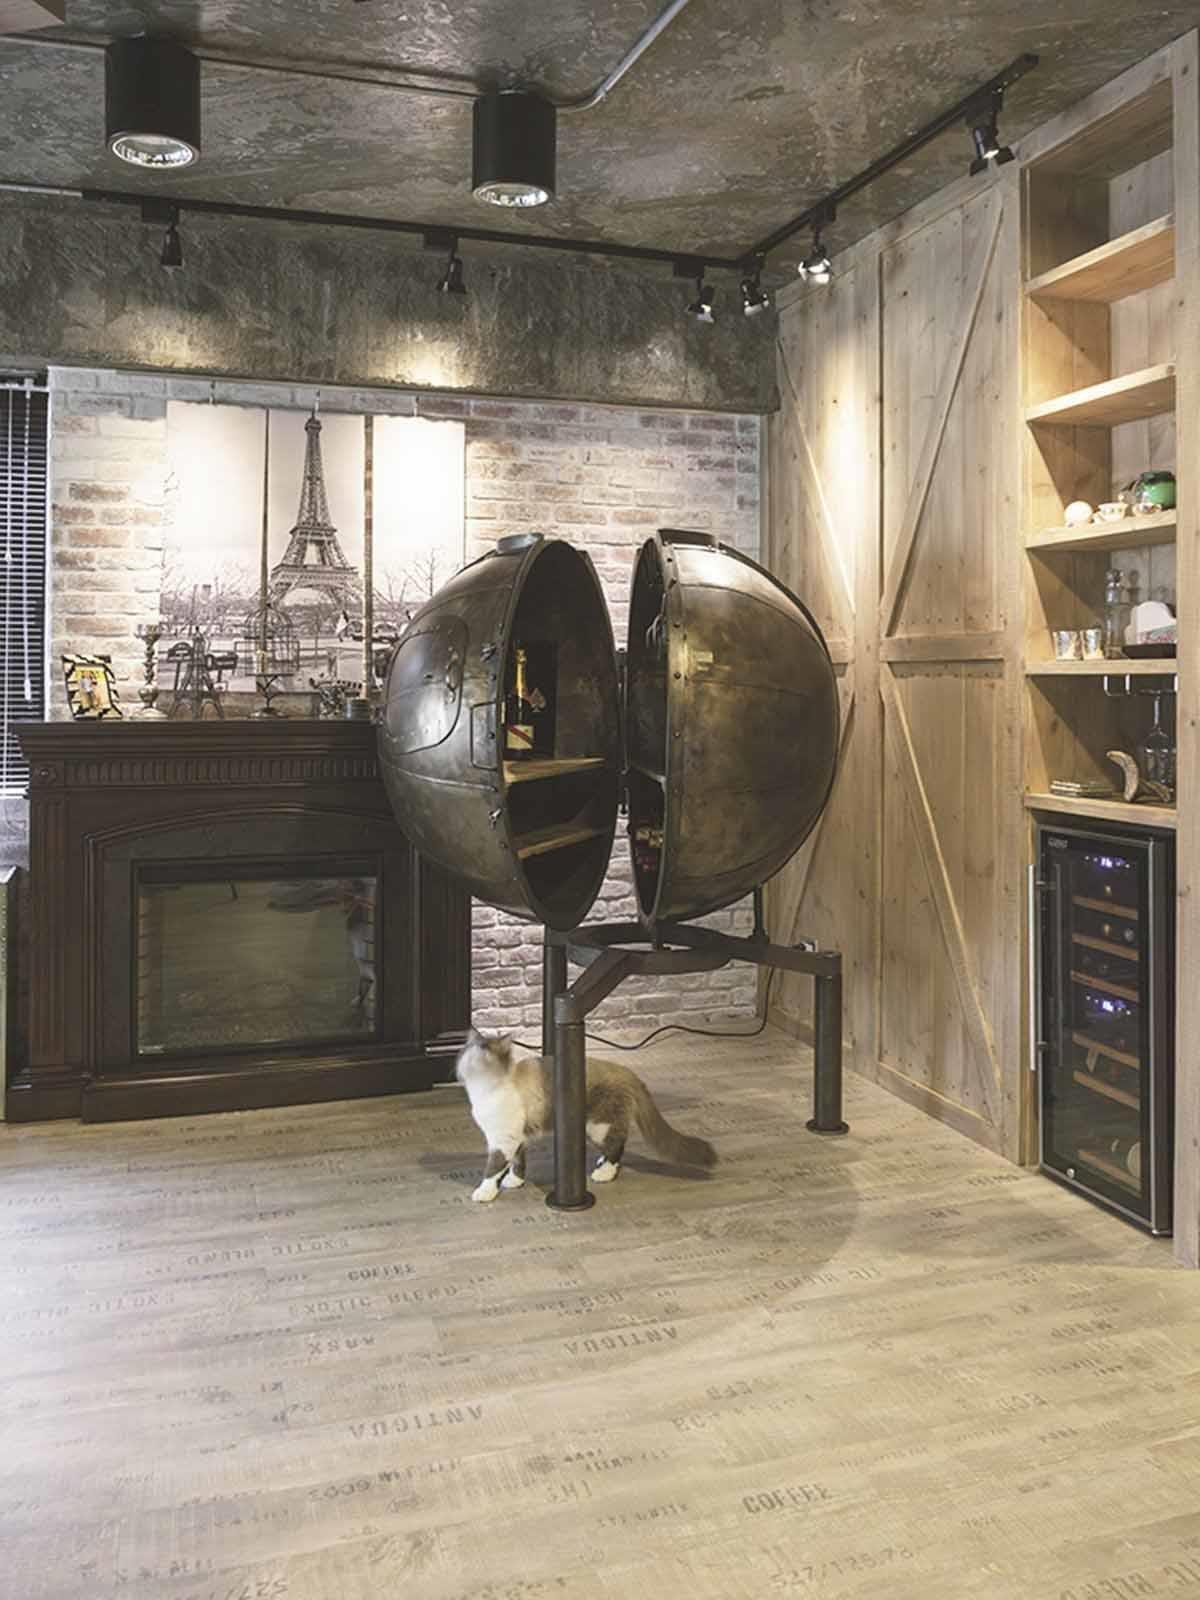 大型酒櫃成吸睛焦點。電影《惡棍特工》內的巨大球型紅酒櫃,特殊的造型成為空間的注目焦點。牆面以實木皮鋪陳,中和鐵件、水泥的冷硬。